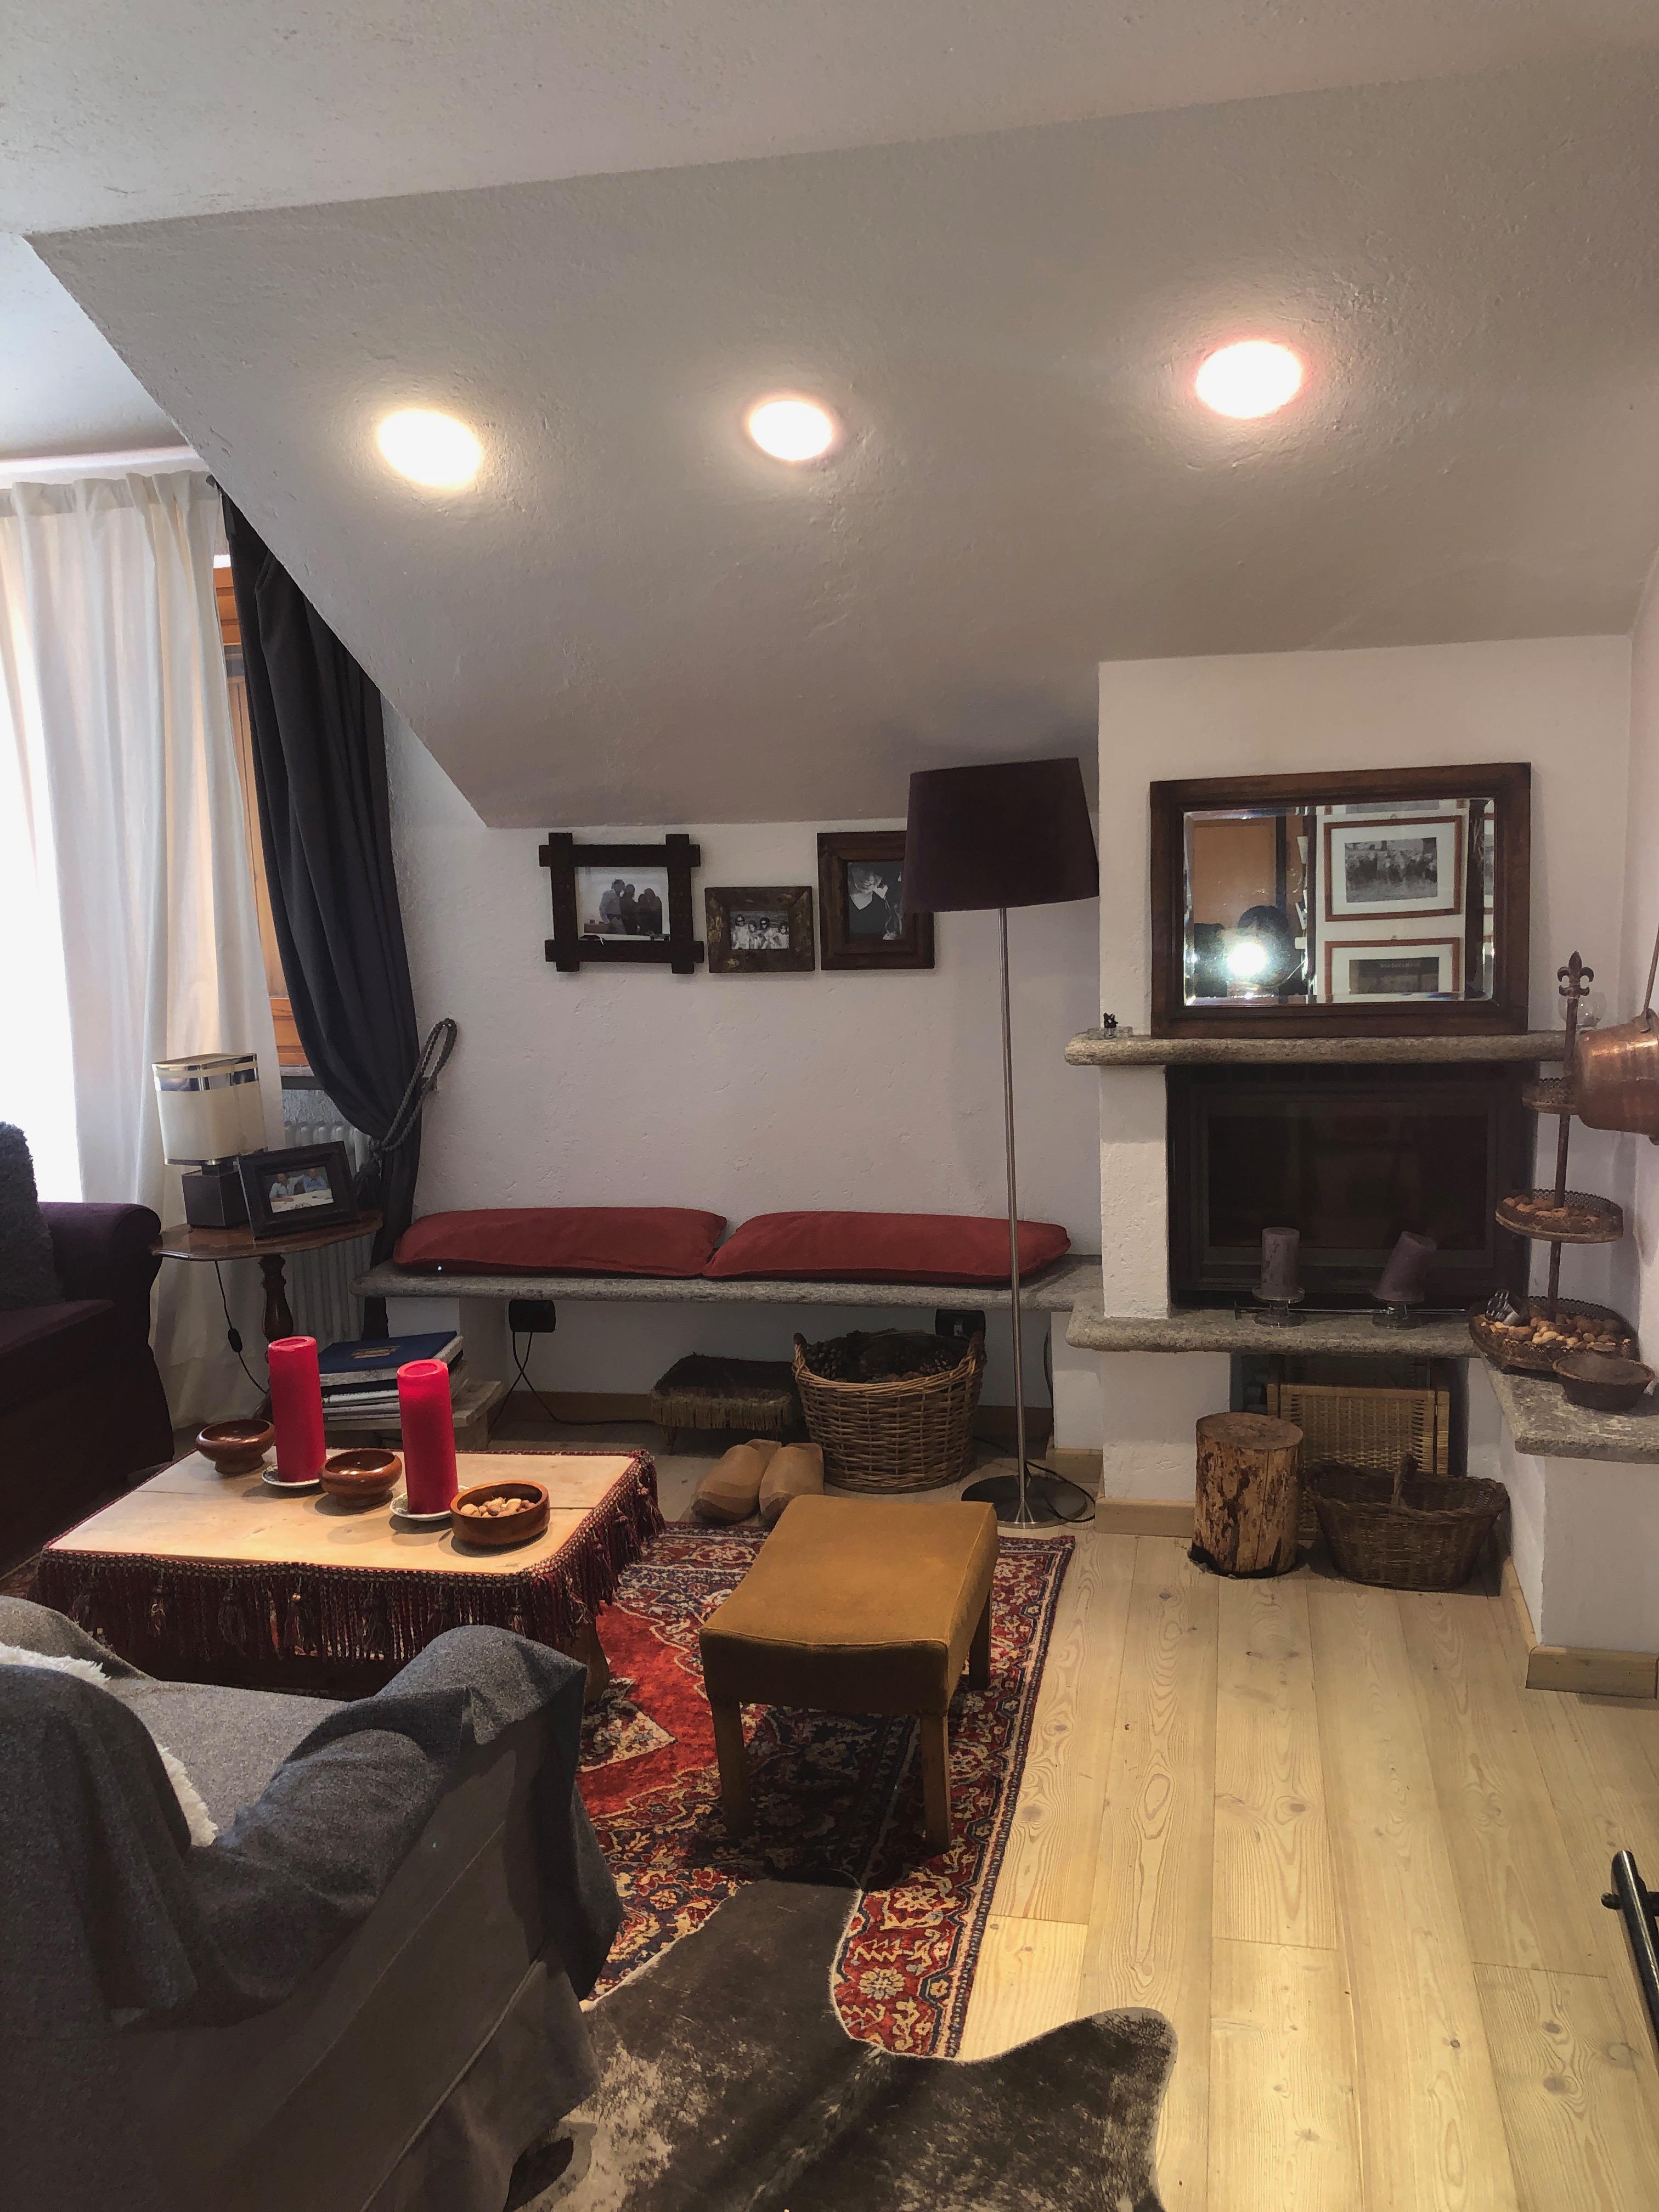 VERRAND mansarda panoramica con 3 camere 2 servizi soggiorno balcone e box auto